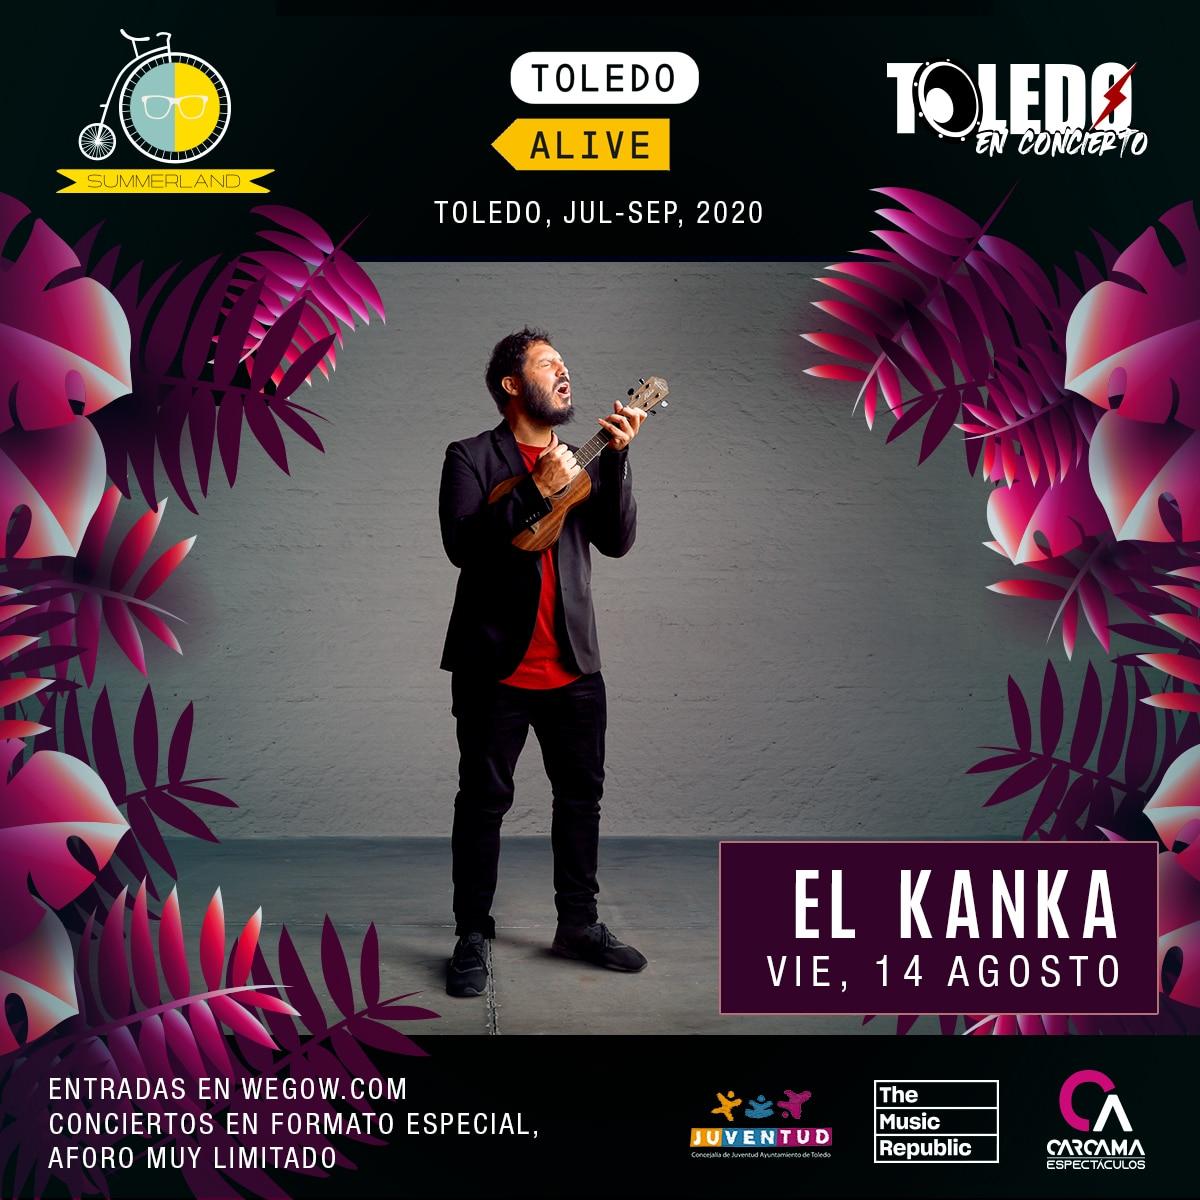 viva-la-vida-toledo-ELKANKA